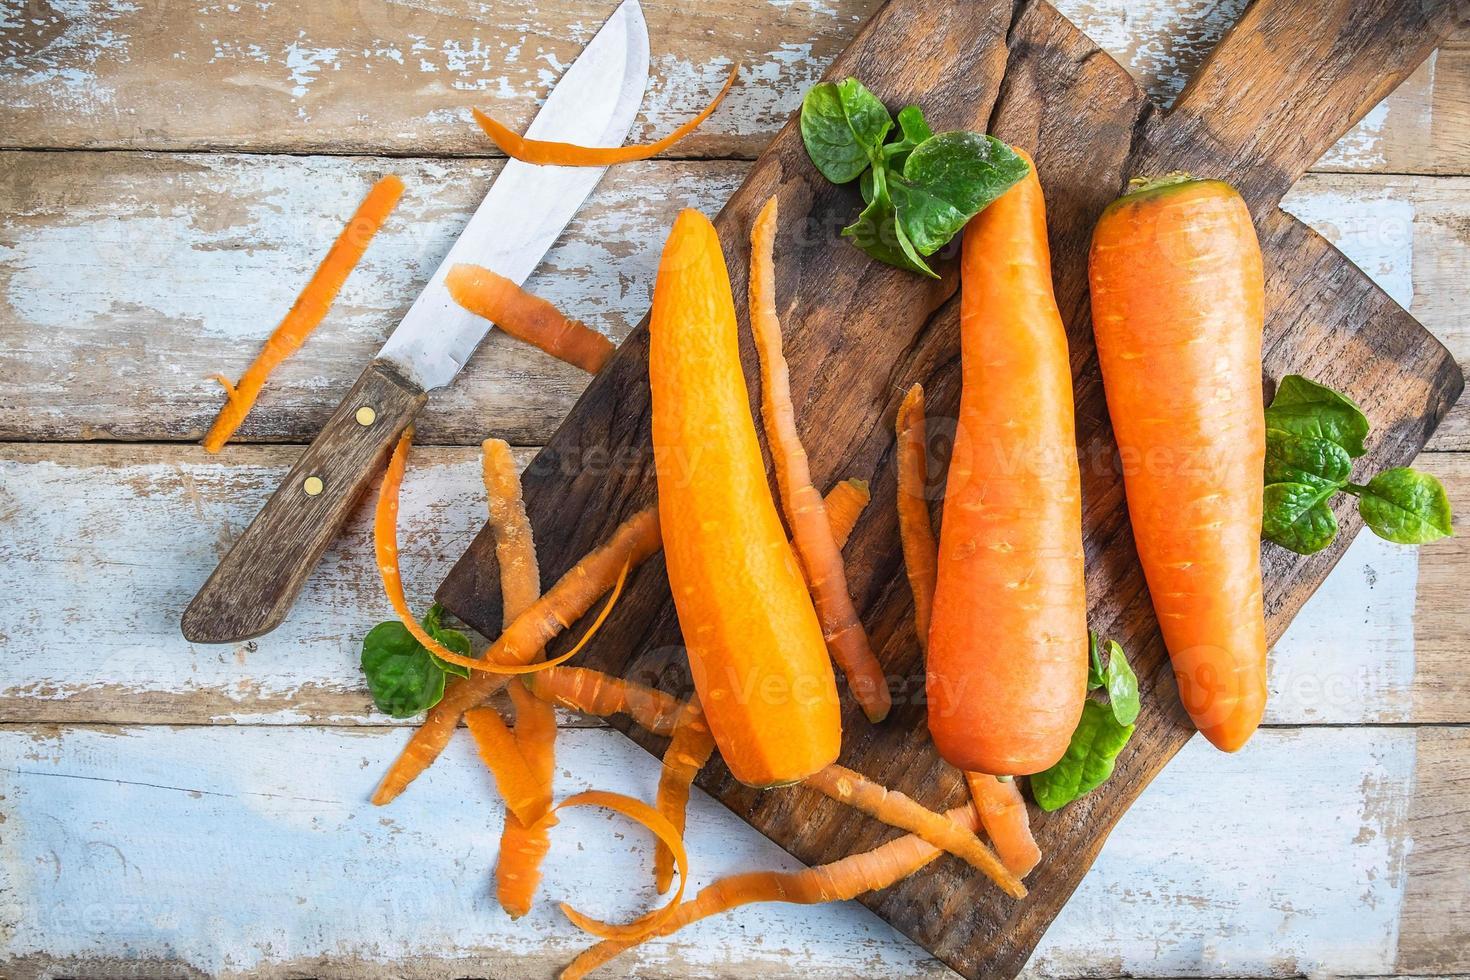 carote con un coltello su un tagliere foto